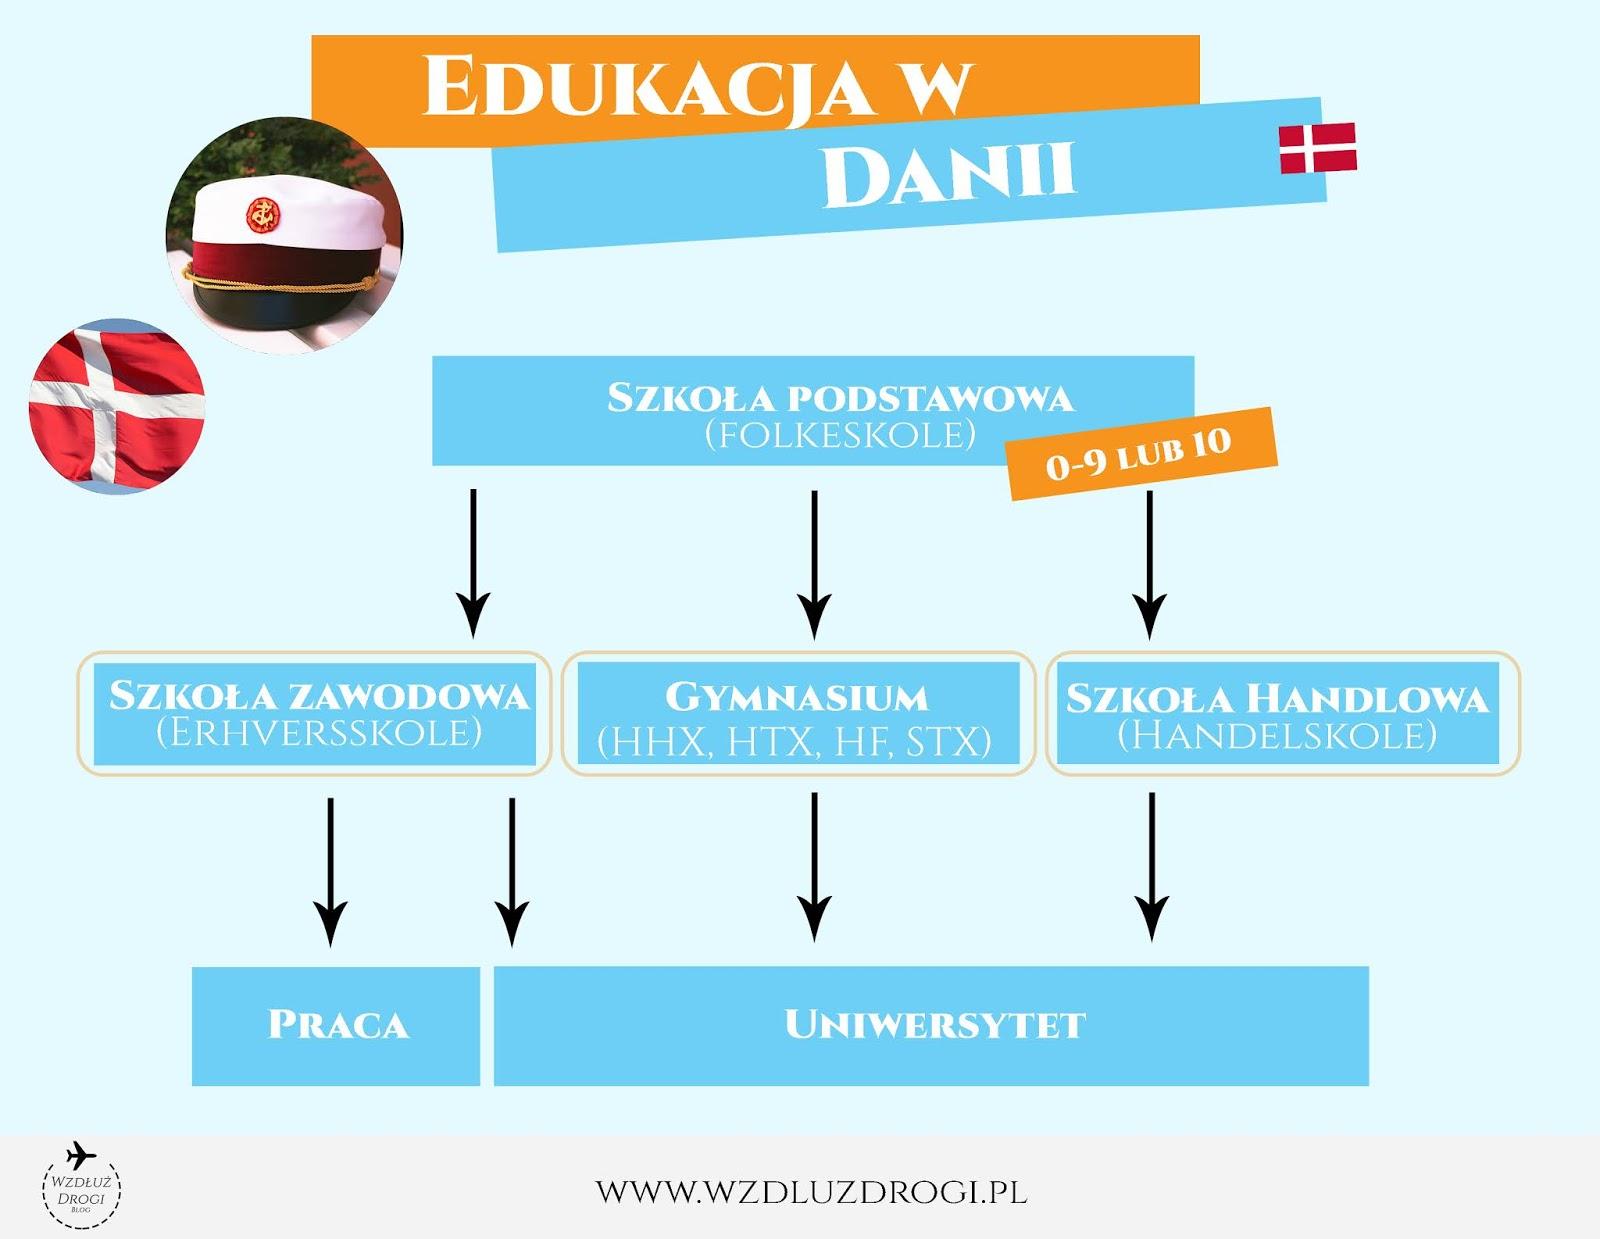 Szkoła w danii, infografika, studia w Danii